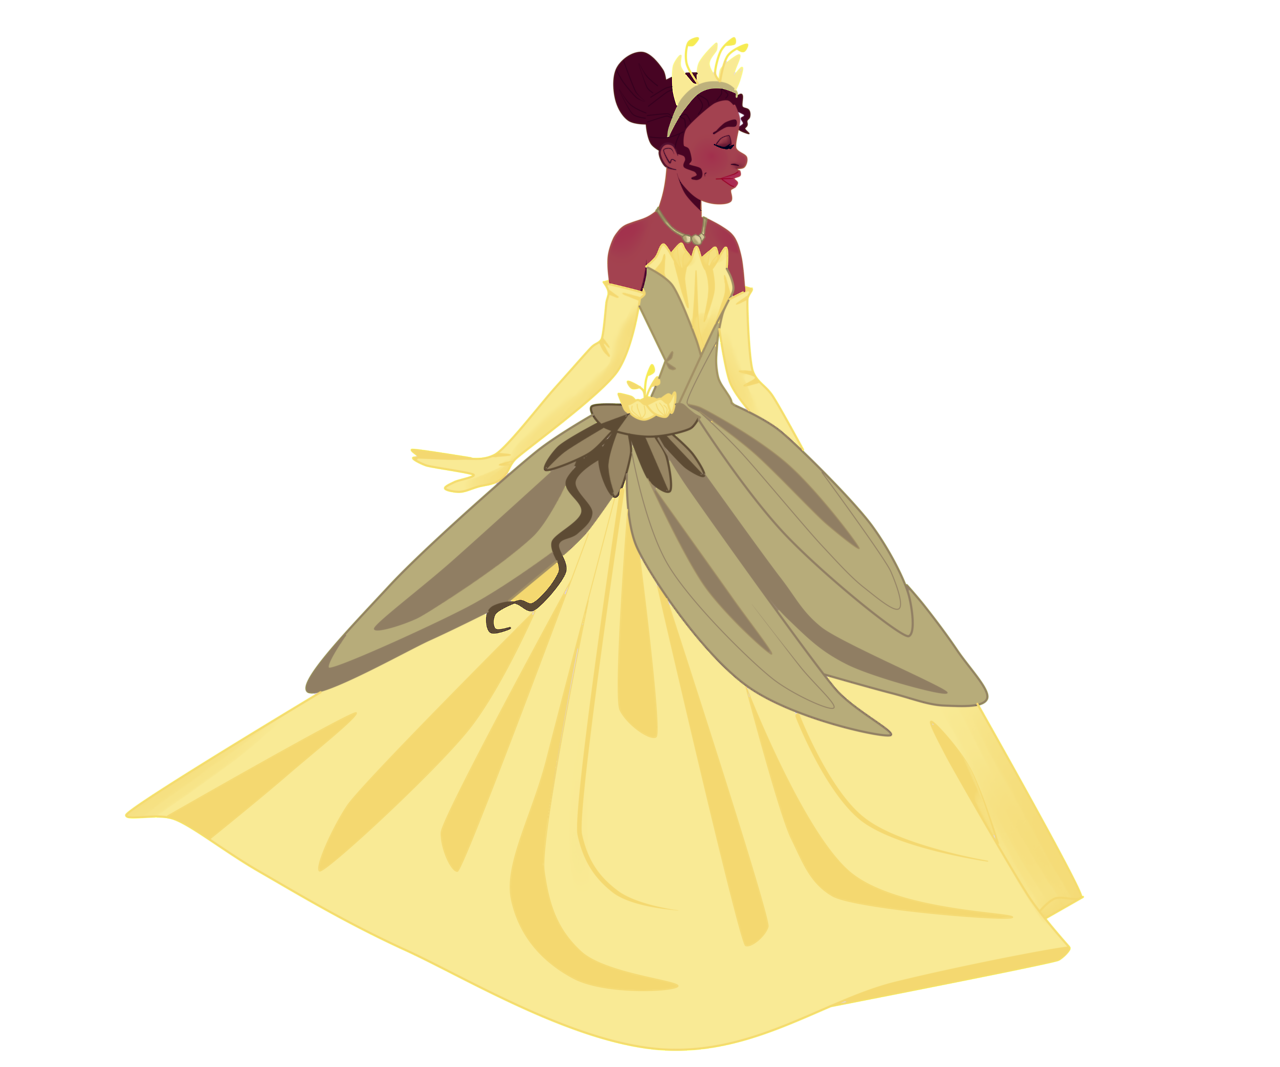 Tiana Transparent Animated Princess: Miss Tiana ♥ Oh She's Transparent Cool